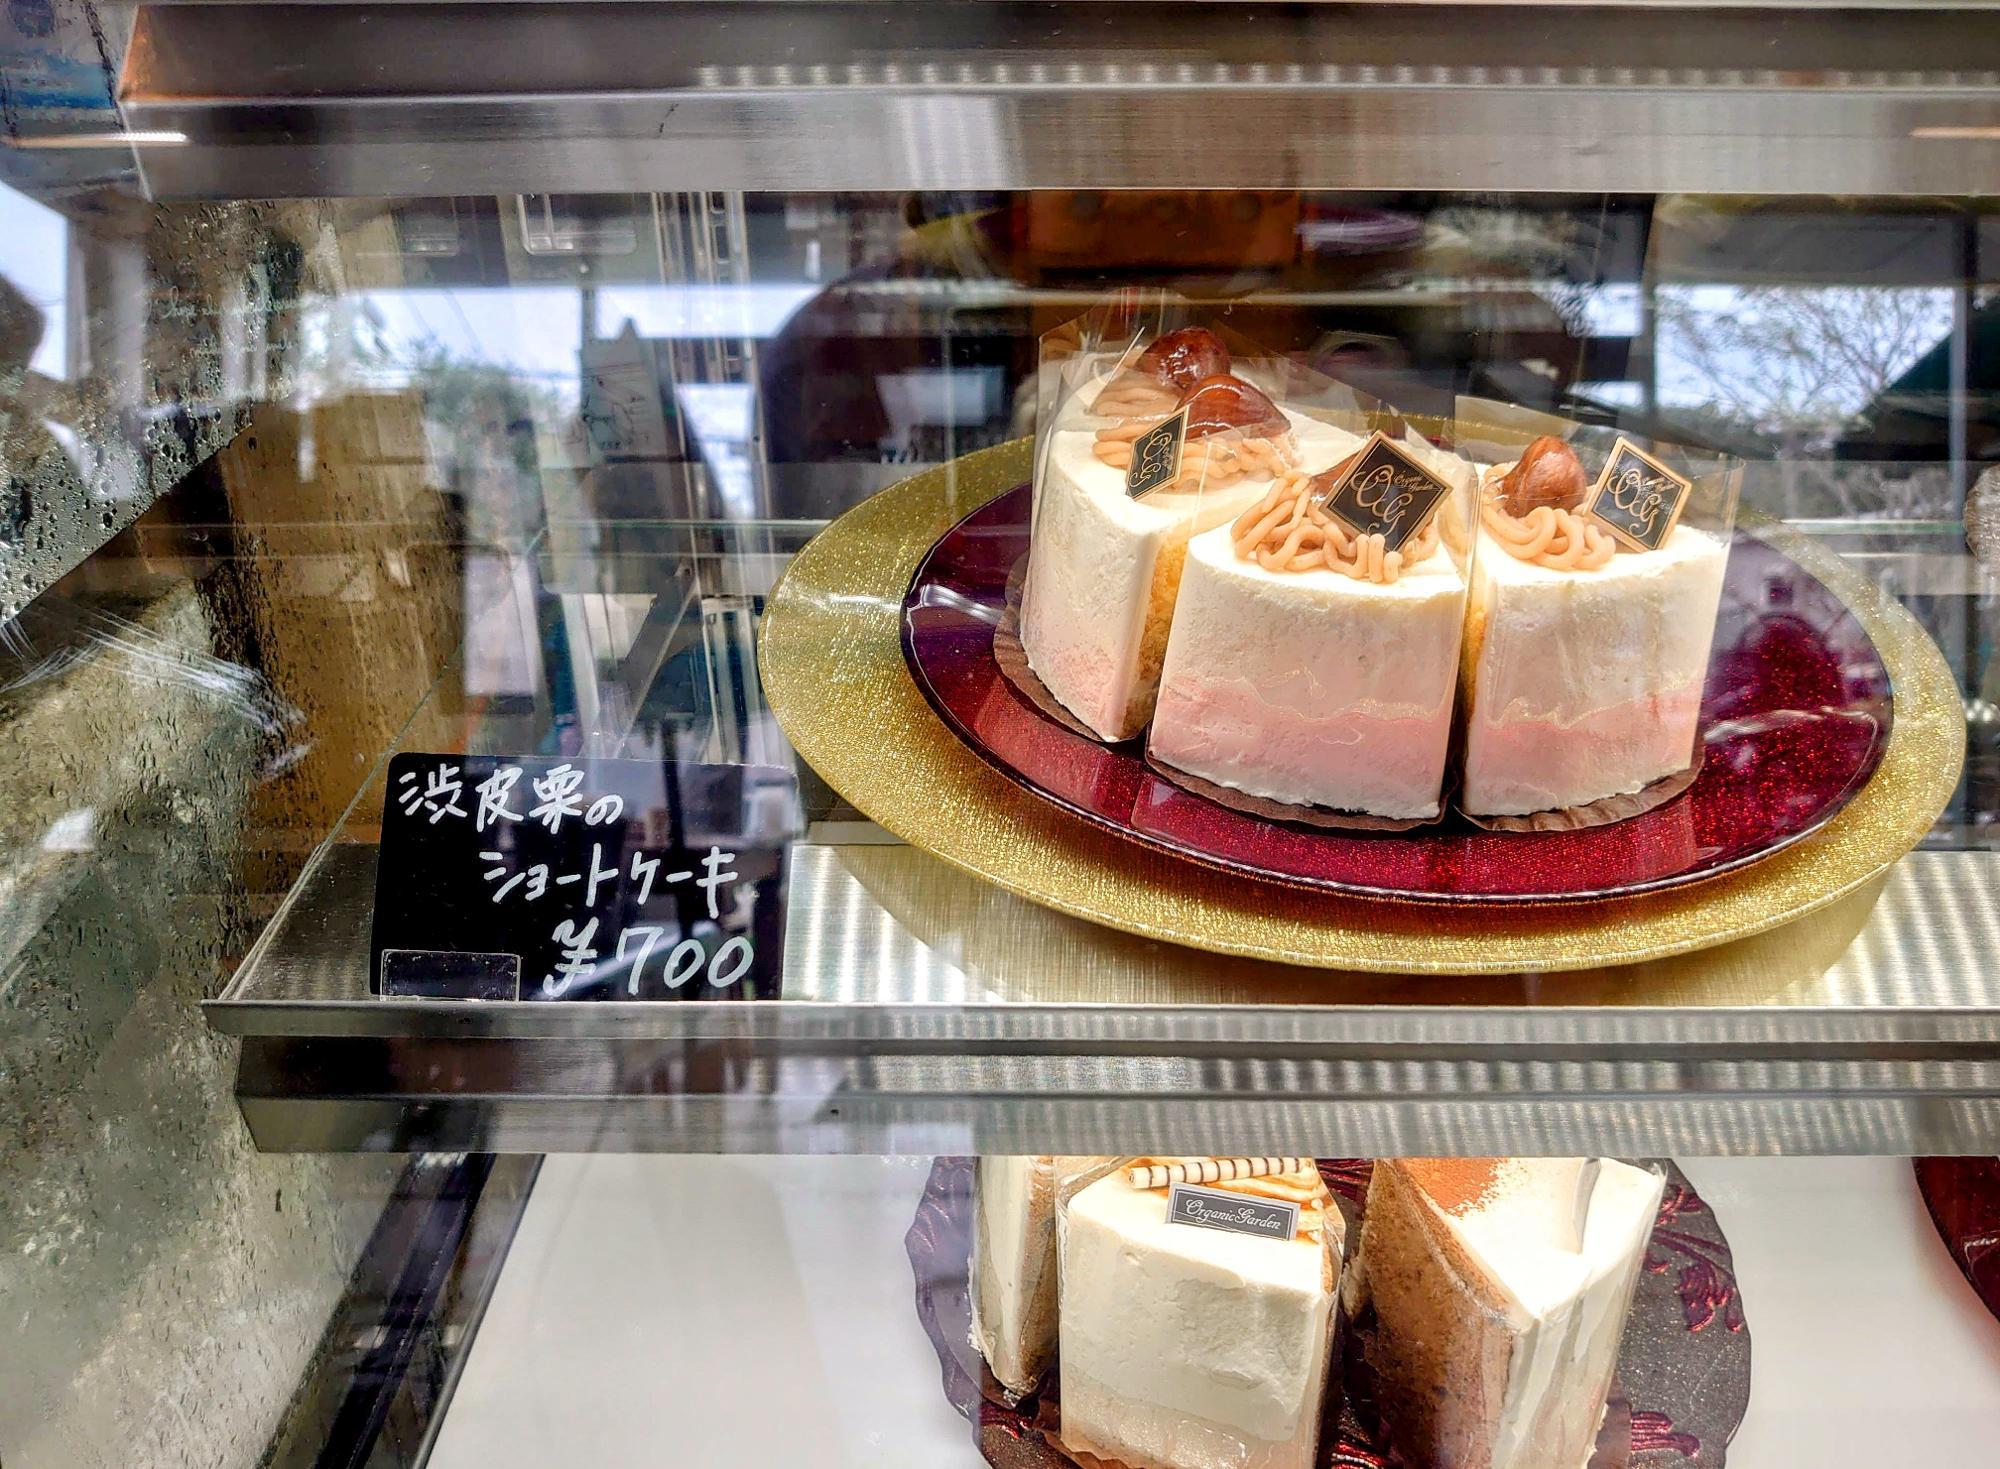 渋皮栗のショートケーキ(700円)